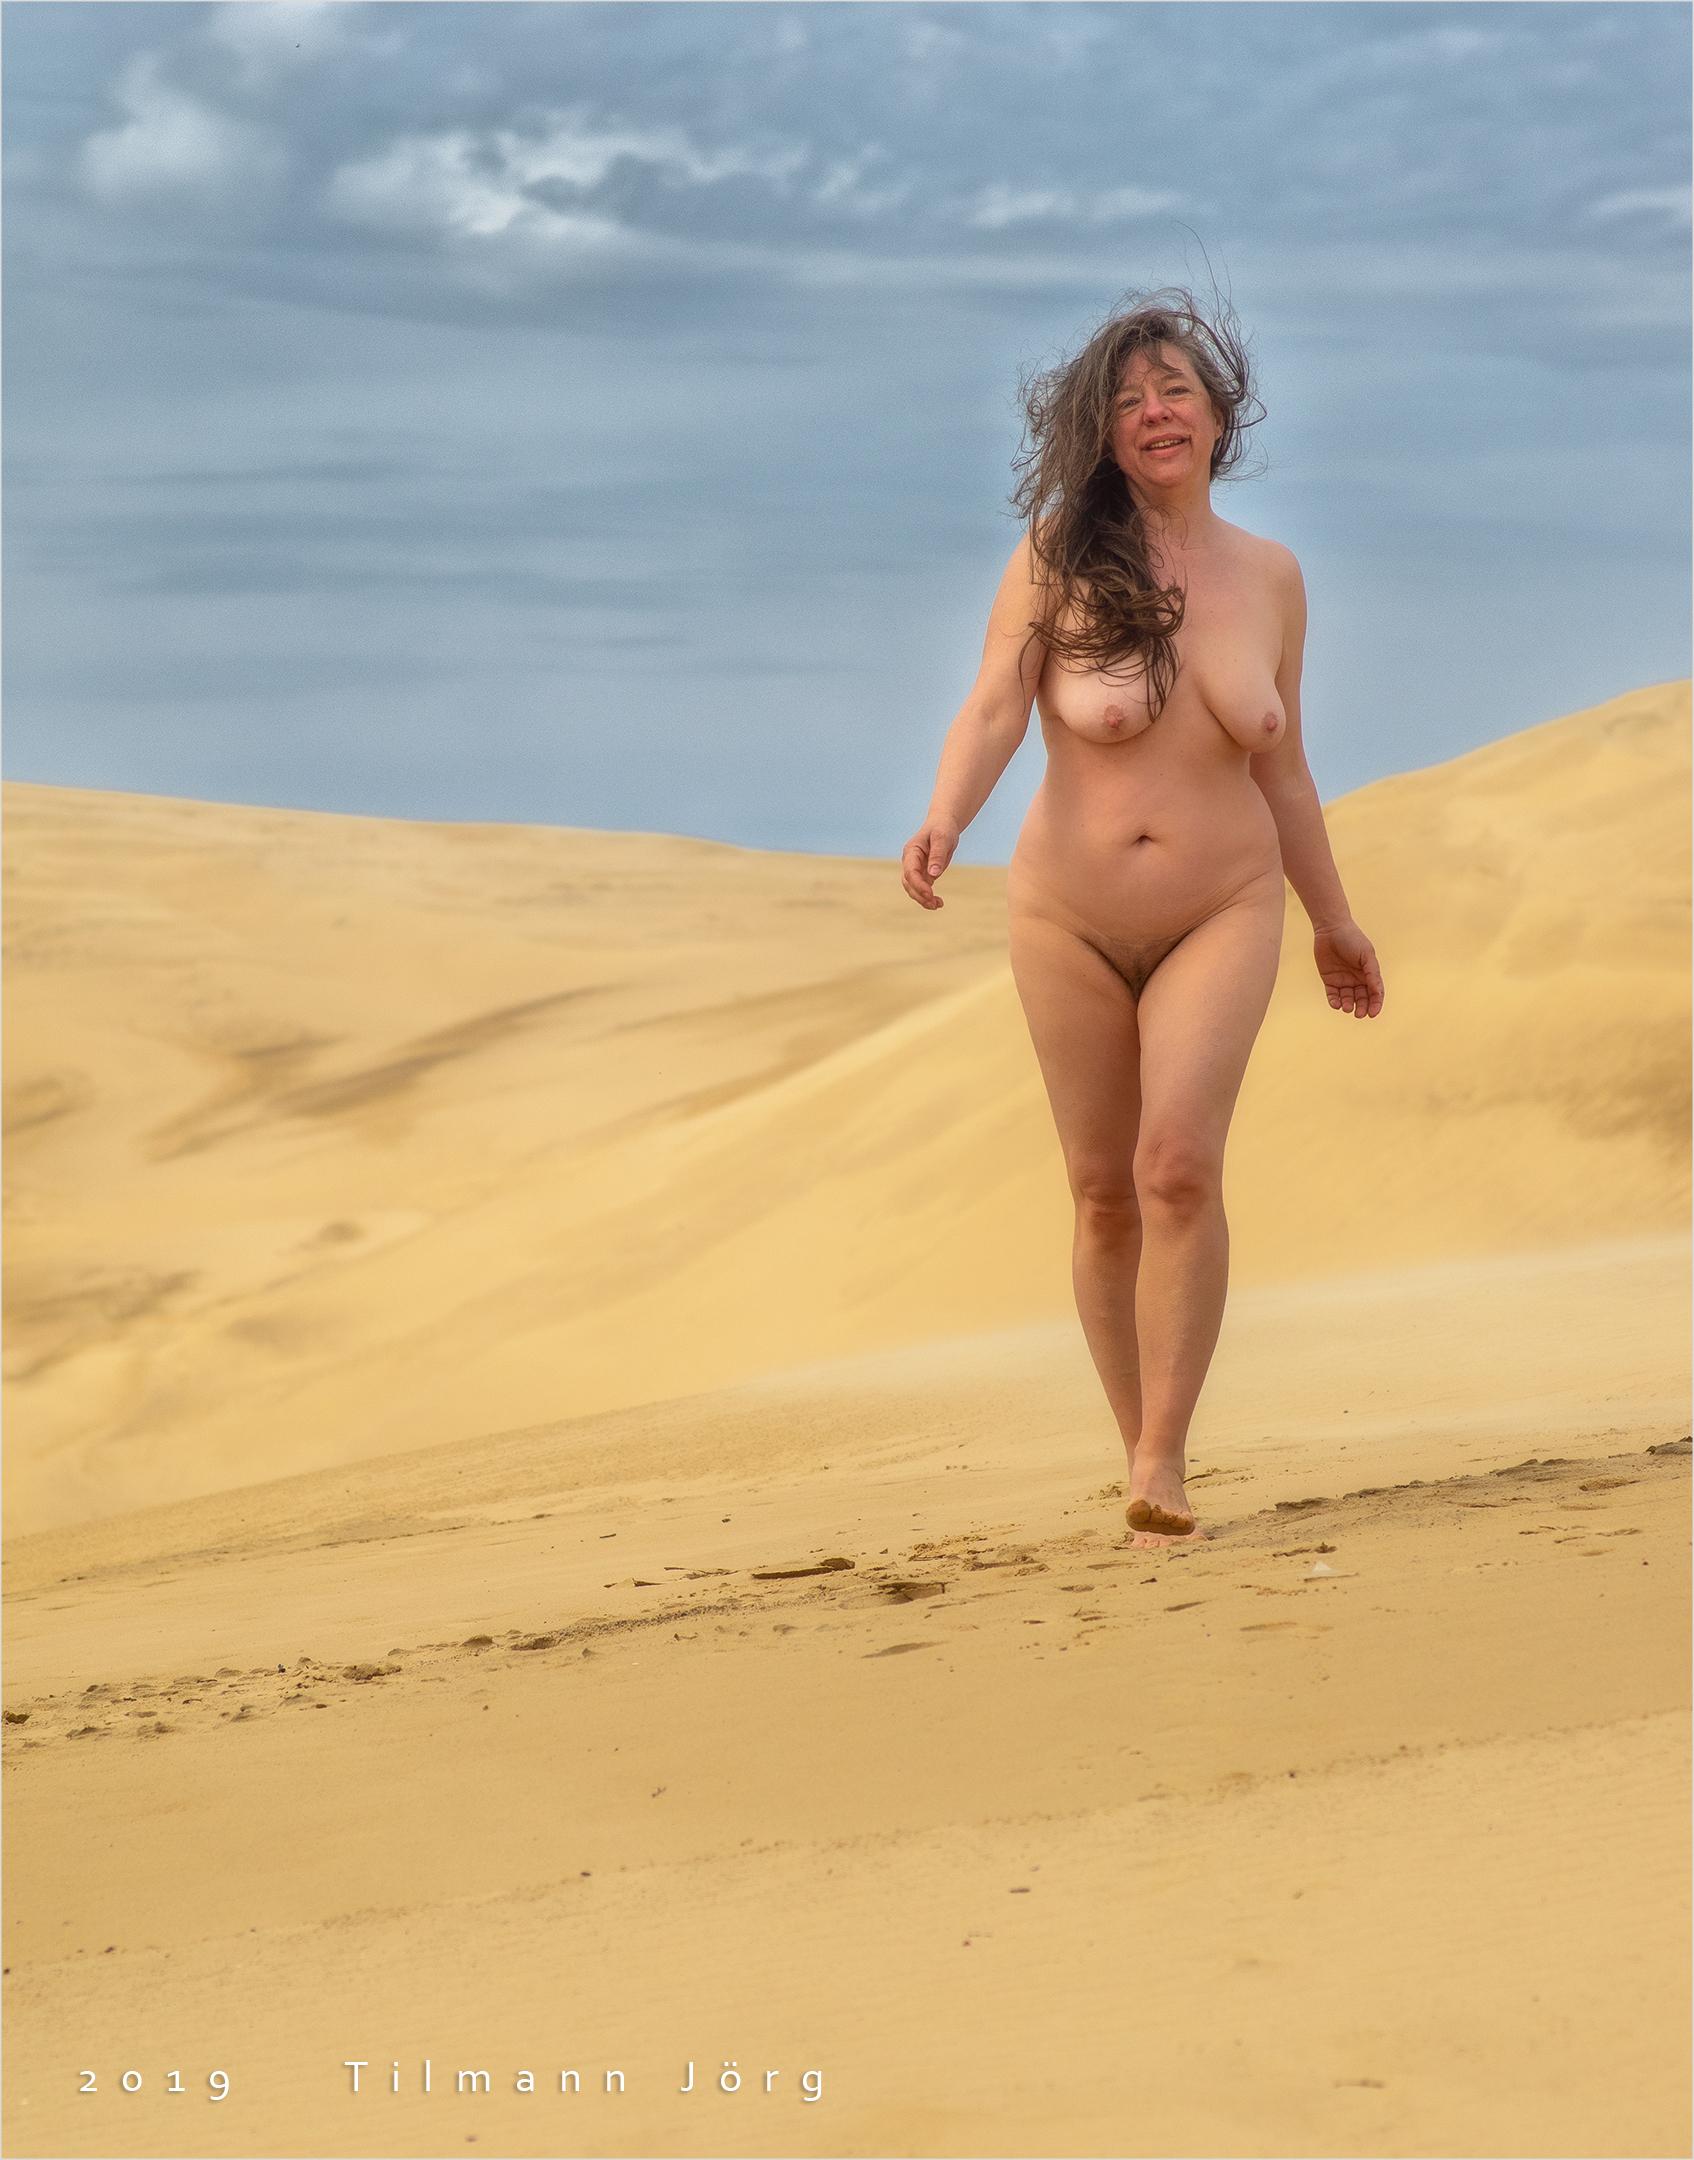 nackte Frau in der Sandwüste